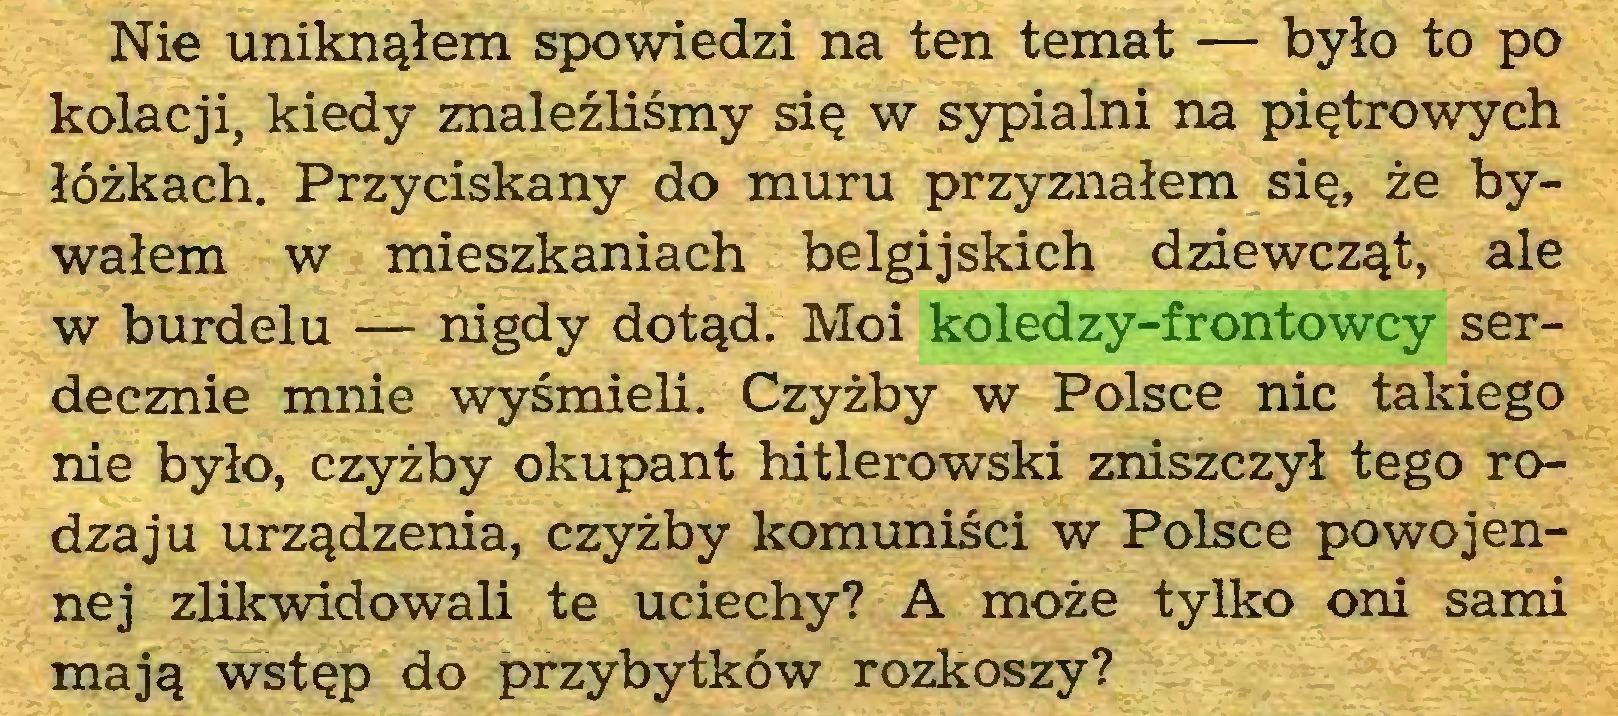 (...) Nie uniknąłem spowiedzi na ten temat — było to po kolacji, kiedy znaleźliśmy się w sypialni na piętrowych łóżkach. Przyciskany do muru przyznałem się, że bywałem w mieszkaniach belgijskich dziewcząt, ale w burdelu — nigdy dotąd. Moi koledzy-frontowcy serdecznie mnie wyśmieli. Czyżby w Polsce nic takiego nie było, czyżby okupant hitlerowski zniszczył tego rodzaju urządzenia, czyżby komuniści w Polsce powojennej zlikwidowali te uciechy? A może tylko oni sami mają wstęp do przybytków rozkoszy?...